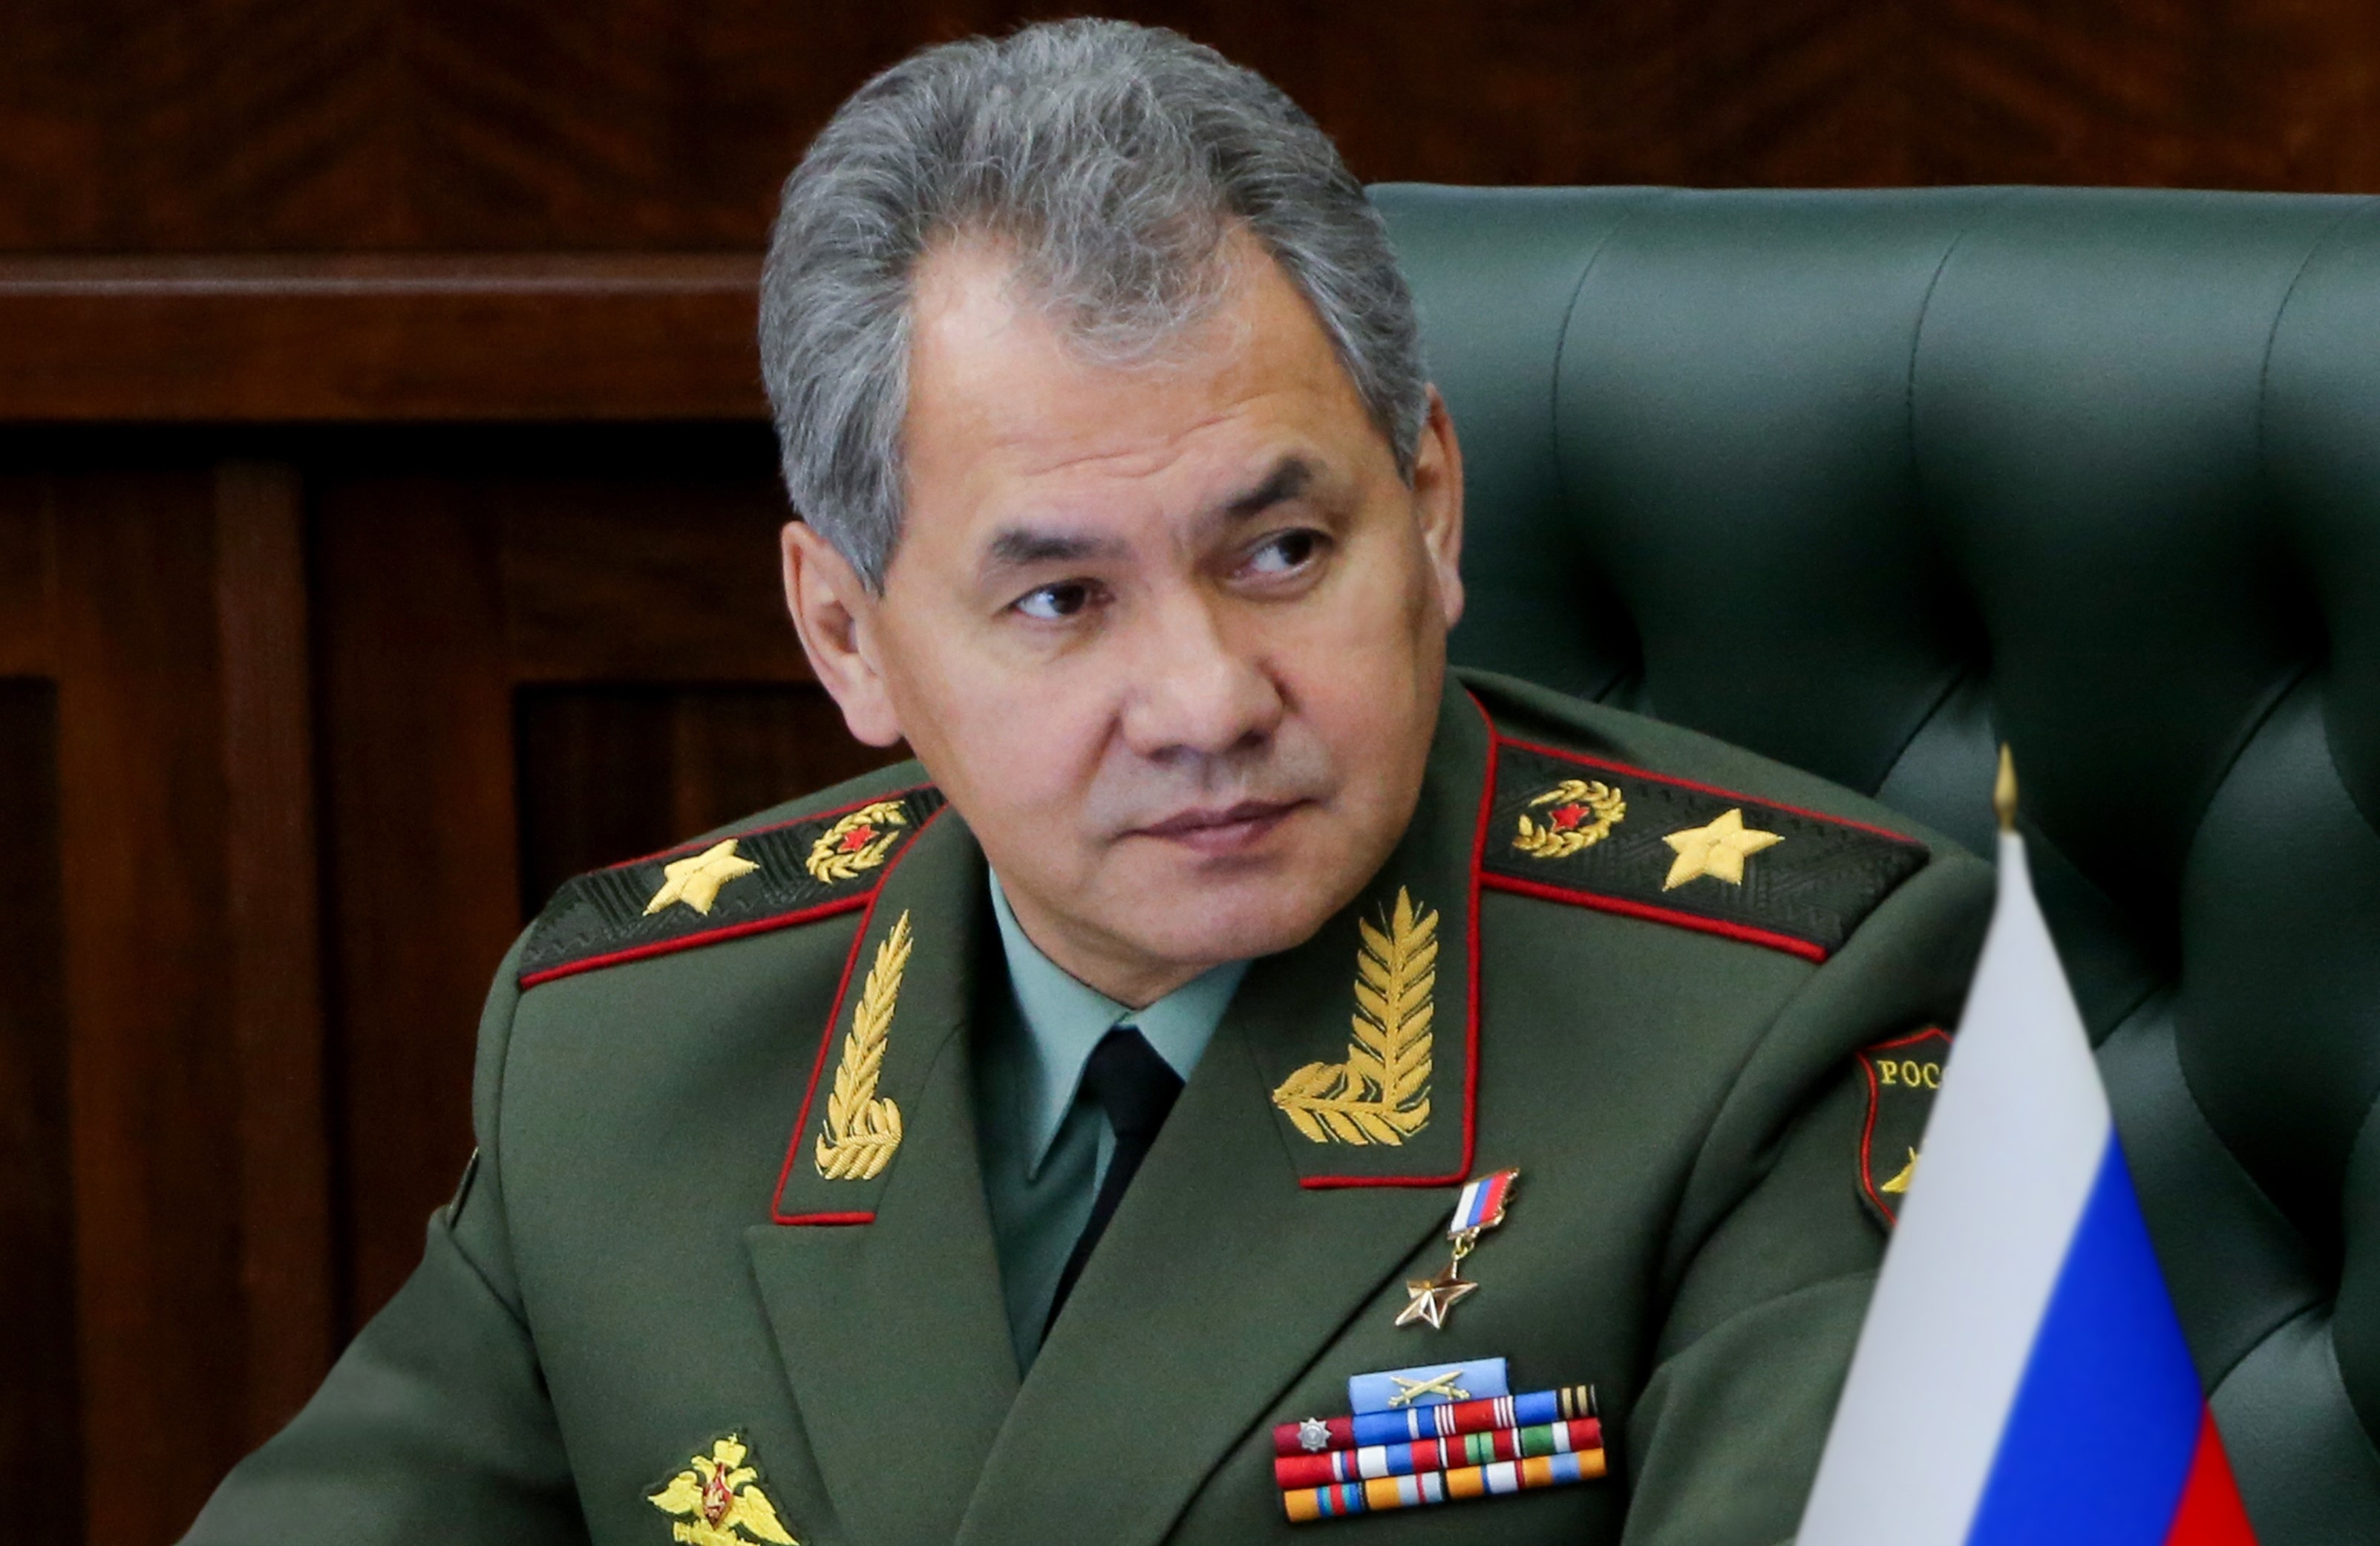 Шойгу и Назарбаев обсудили вопросы обороны